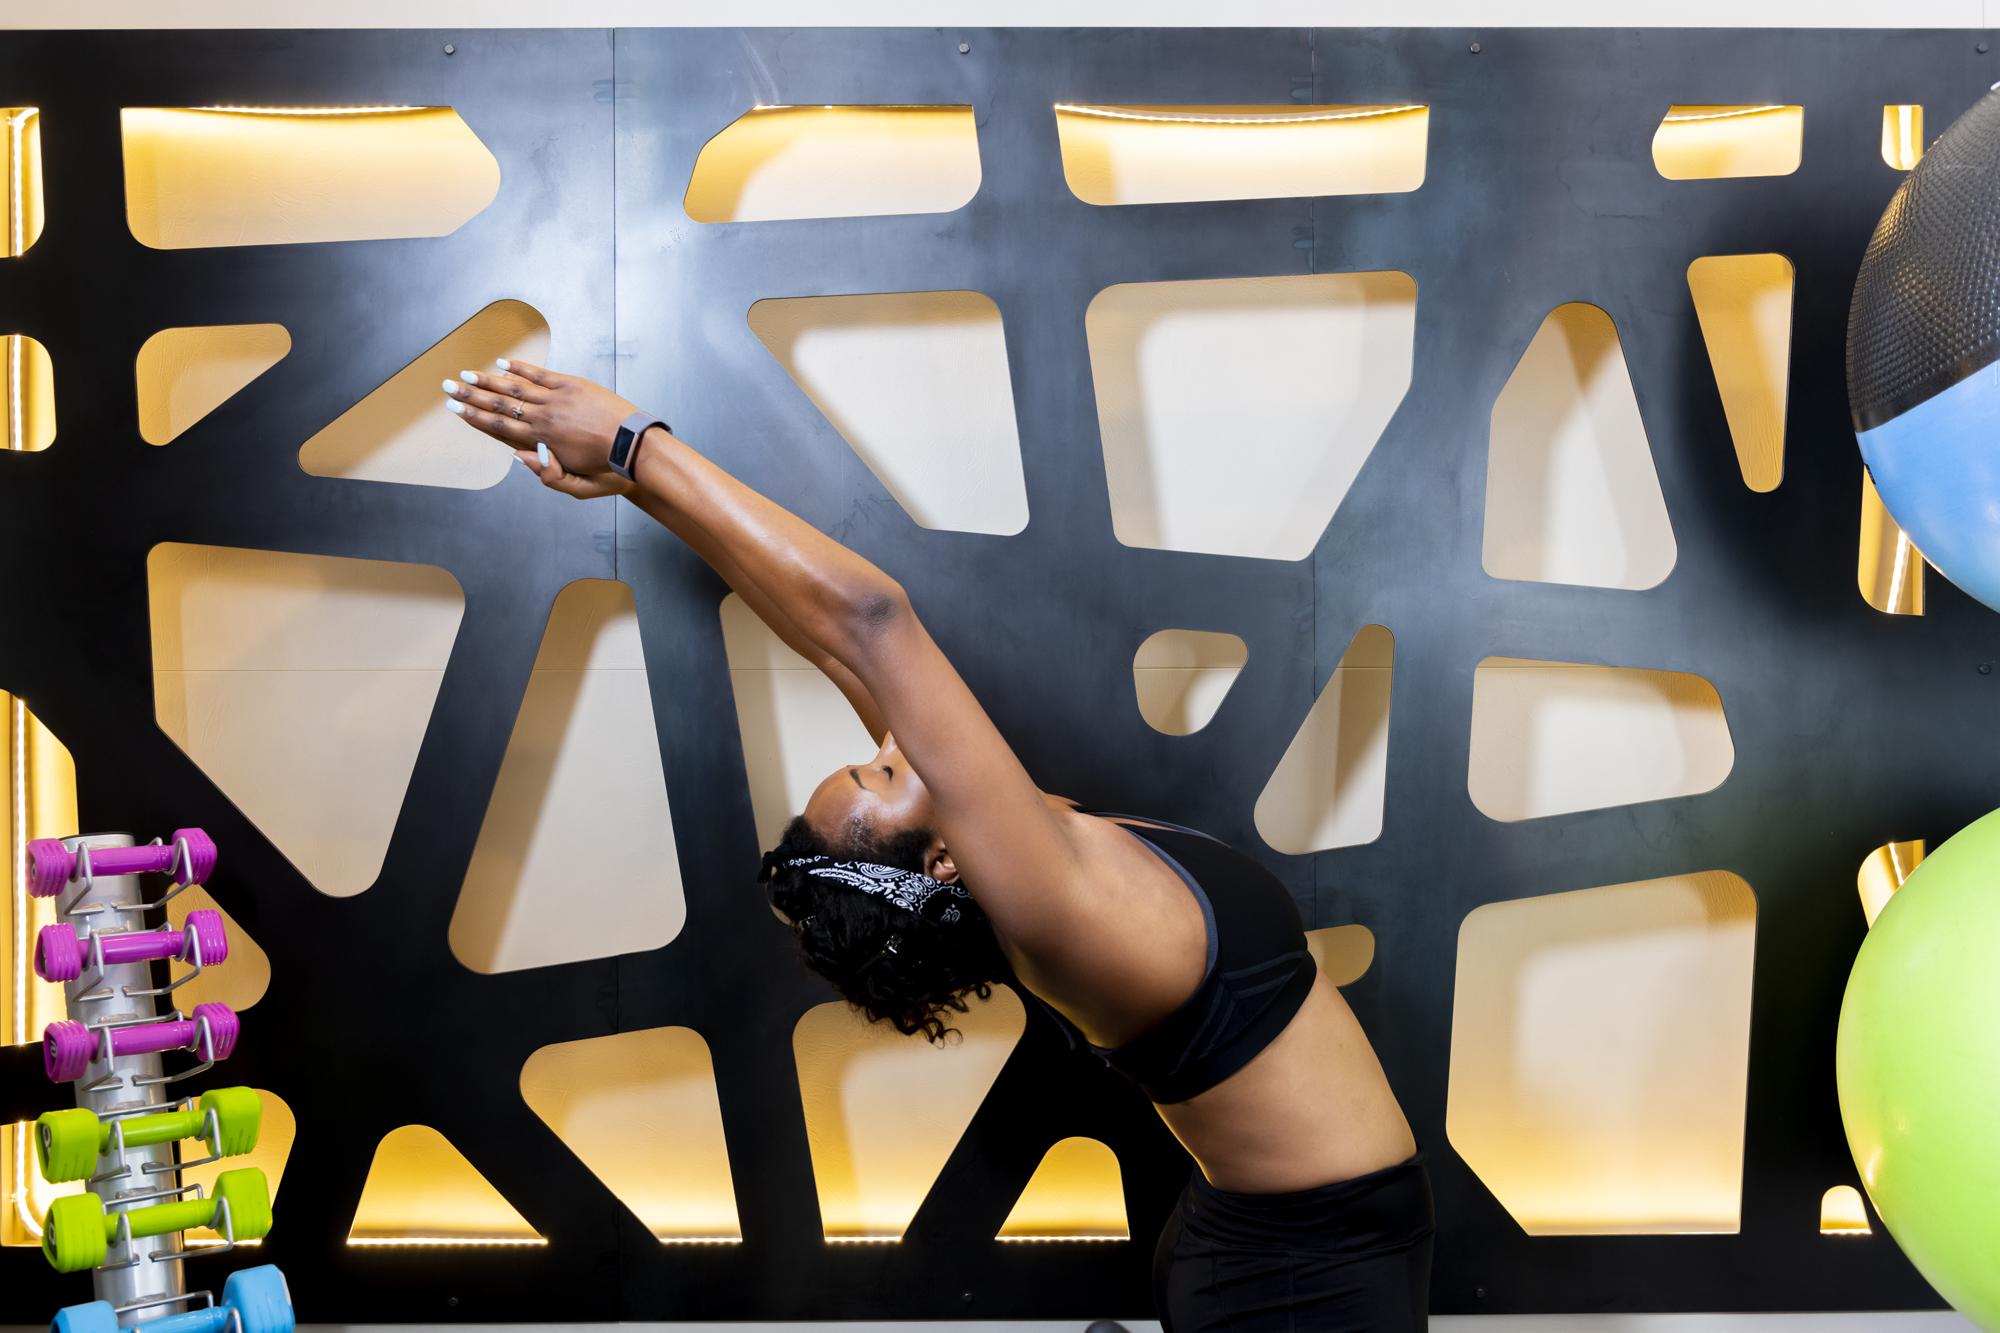 girl doing yoga in evolve fitness center